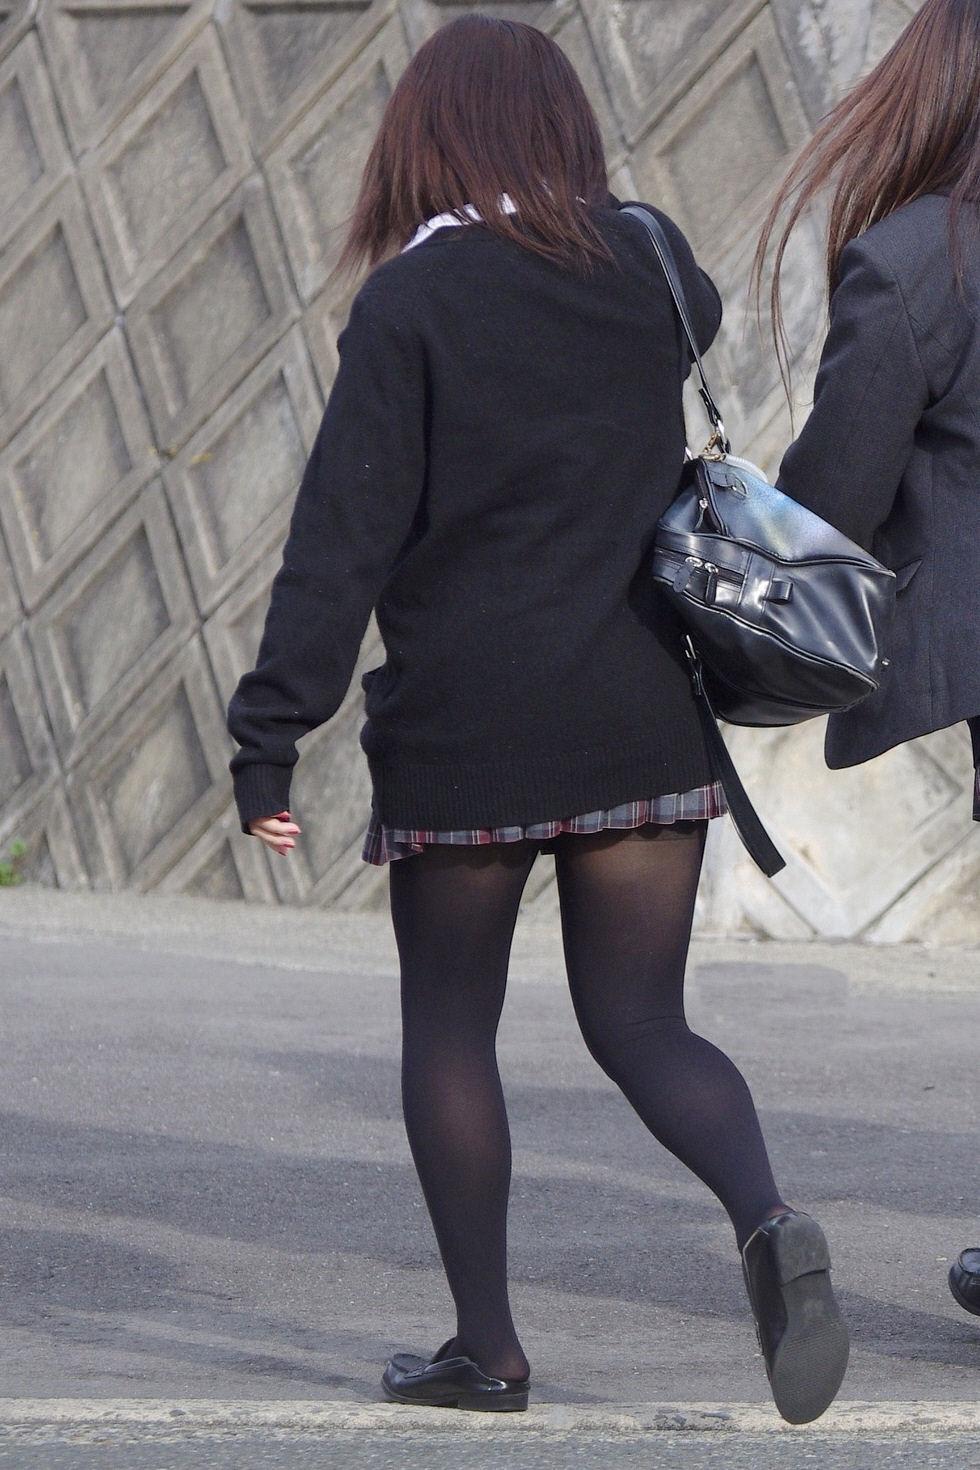 【街撮りJK画像】黒タイツ履いたお嬢様っぽいJKたちの美脚に見とれる画像 20